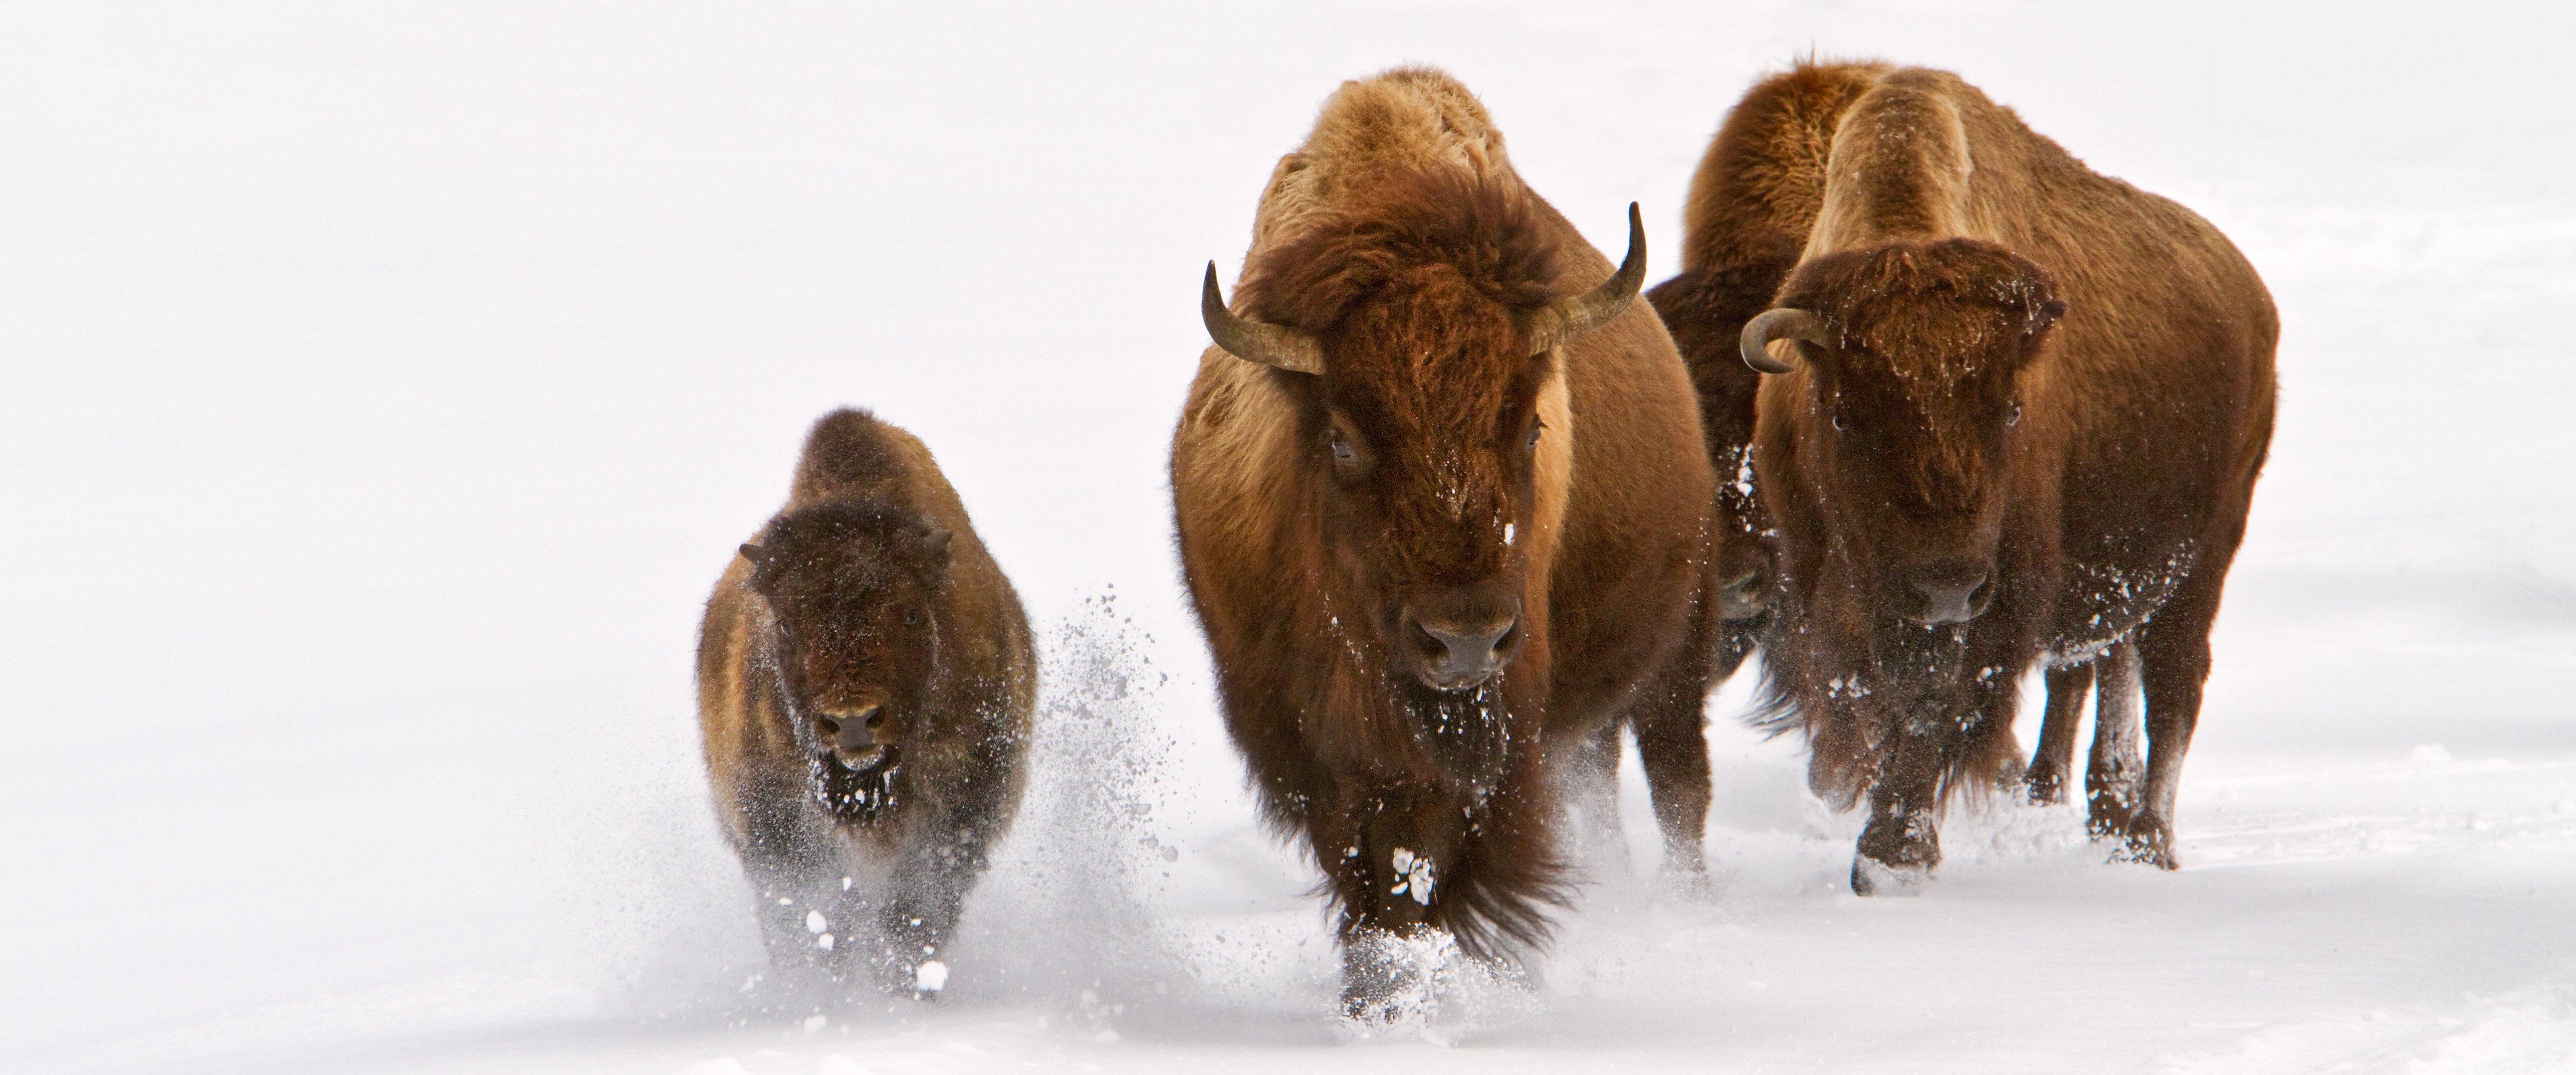 bison11